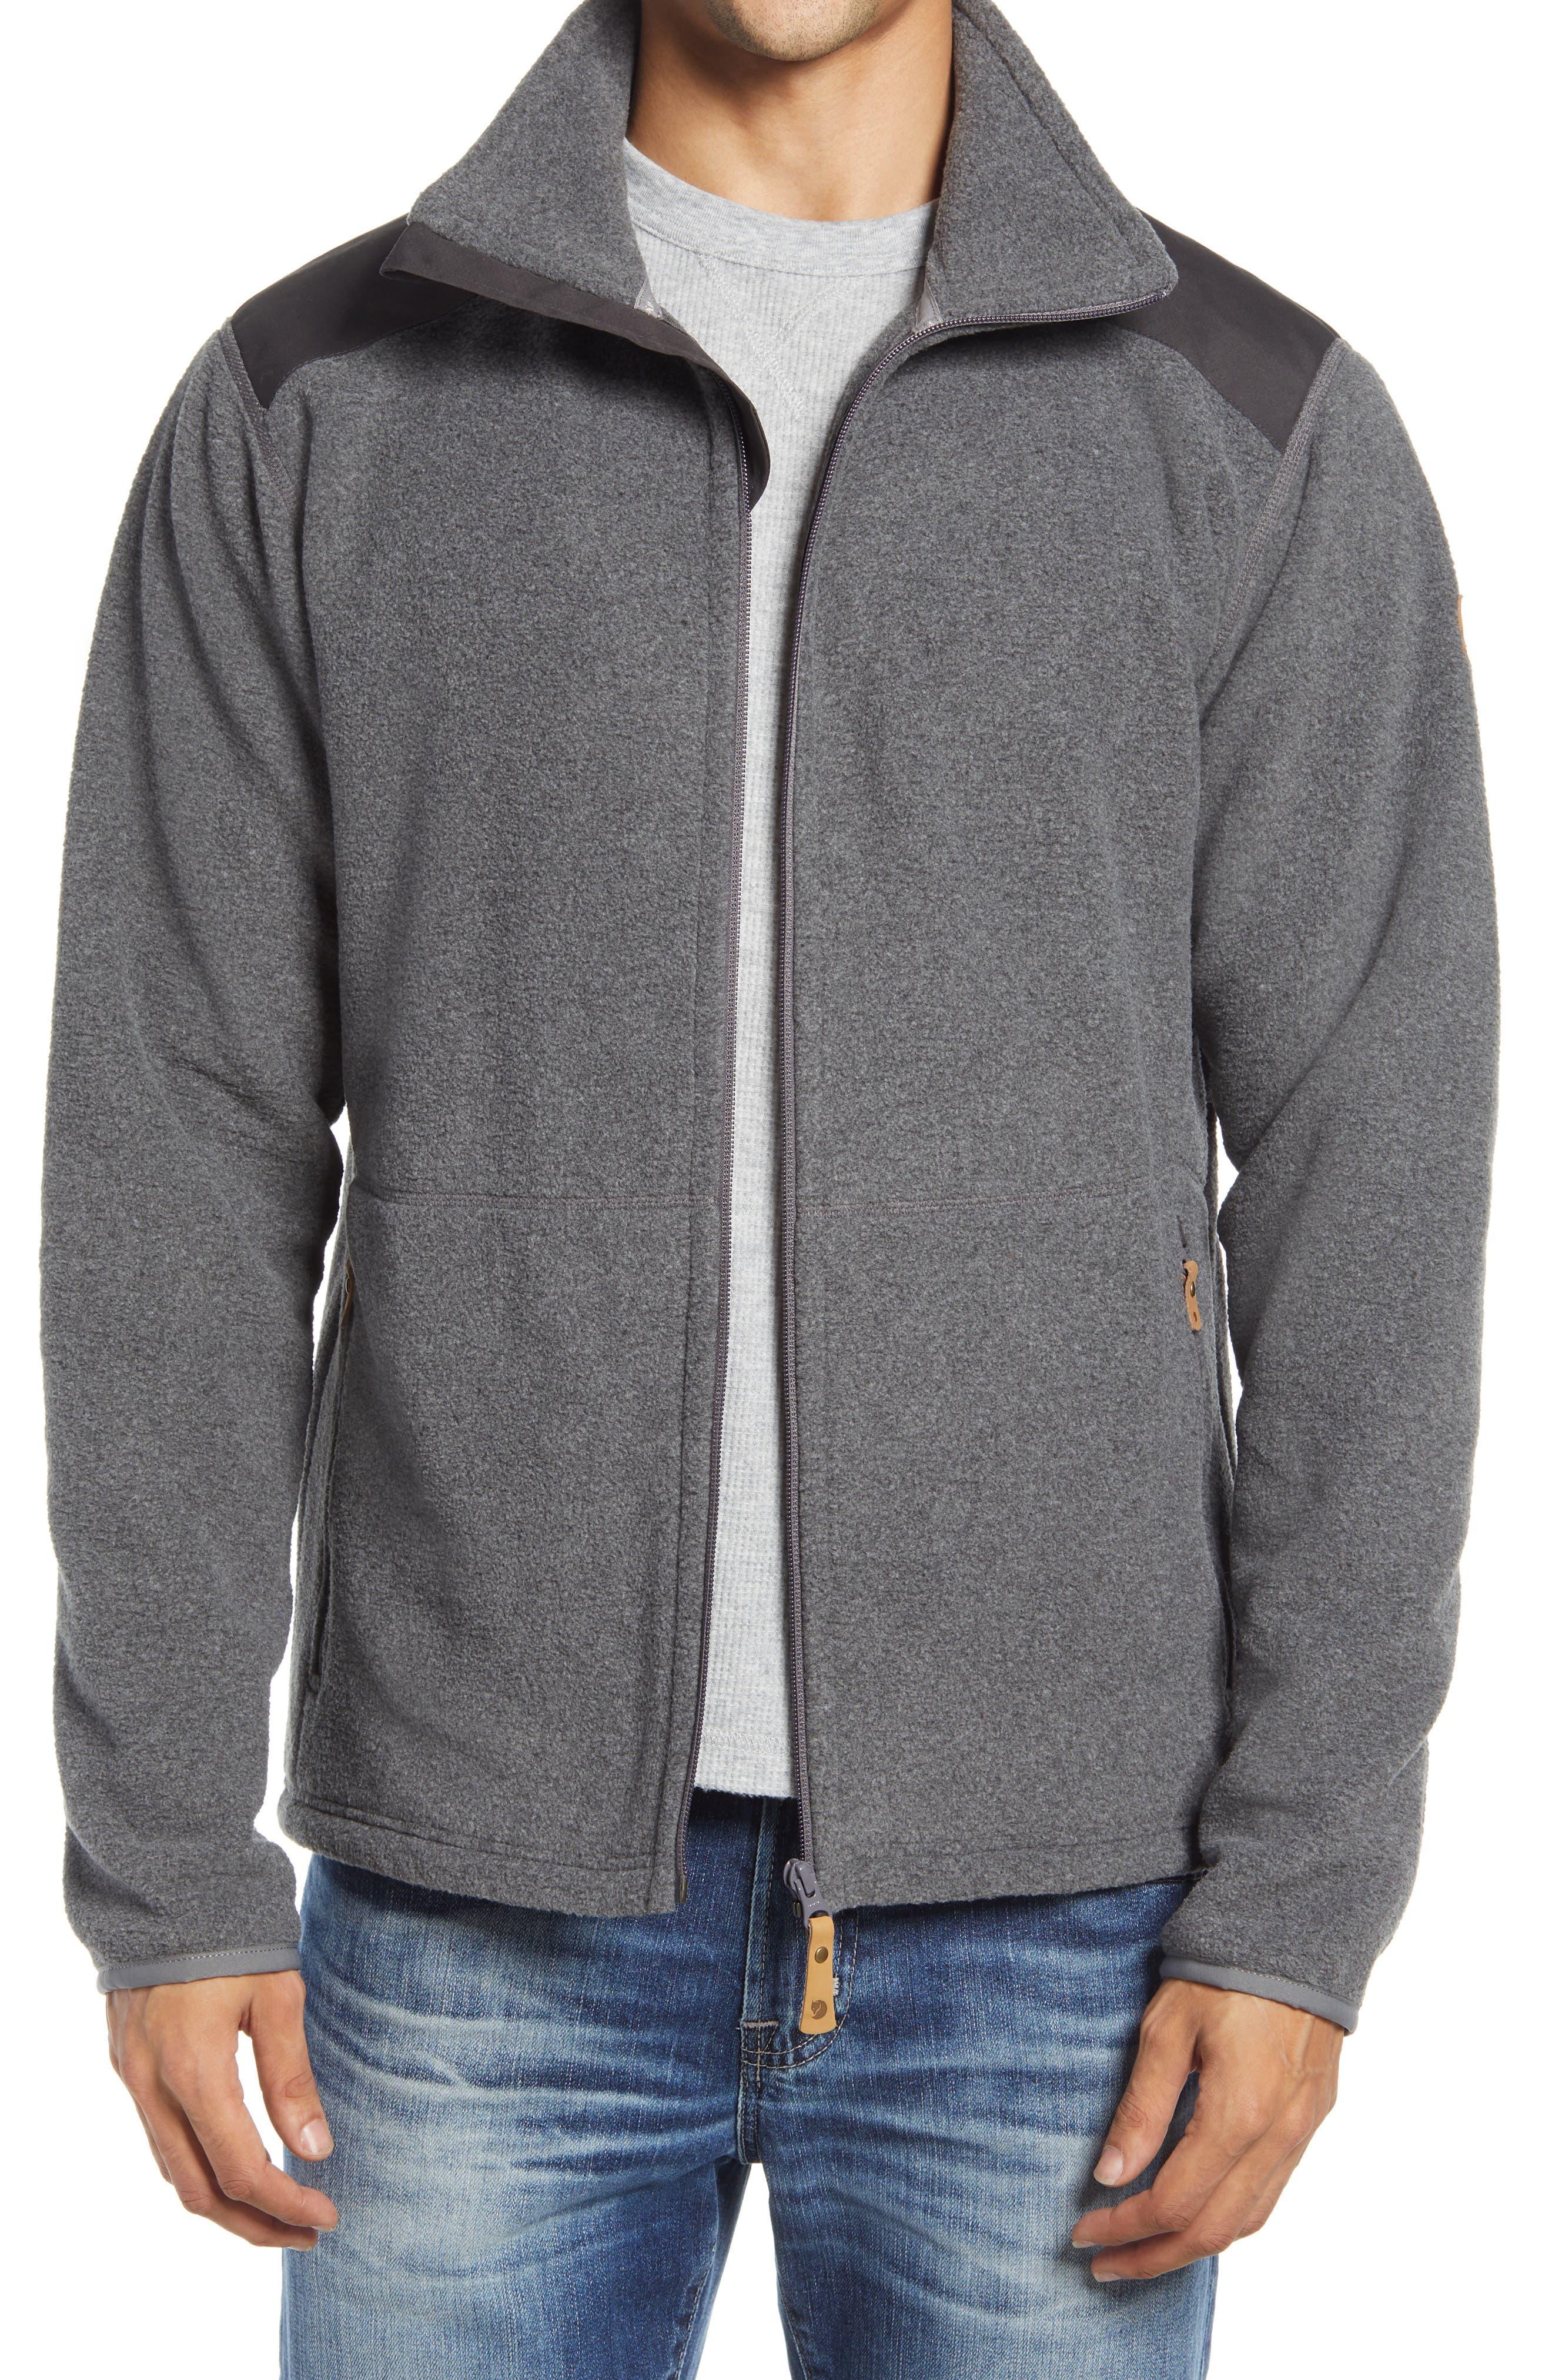 Sten Fleece Zip Sweater